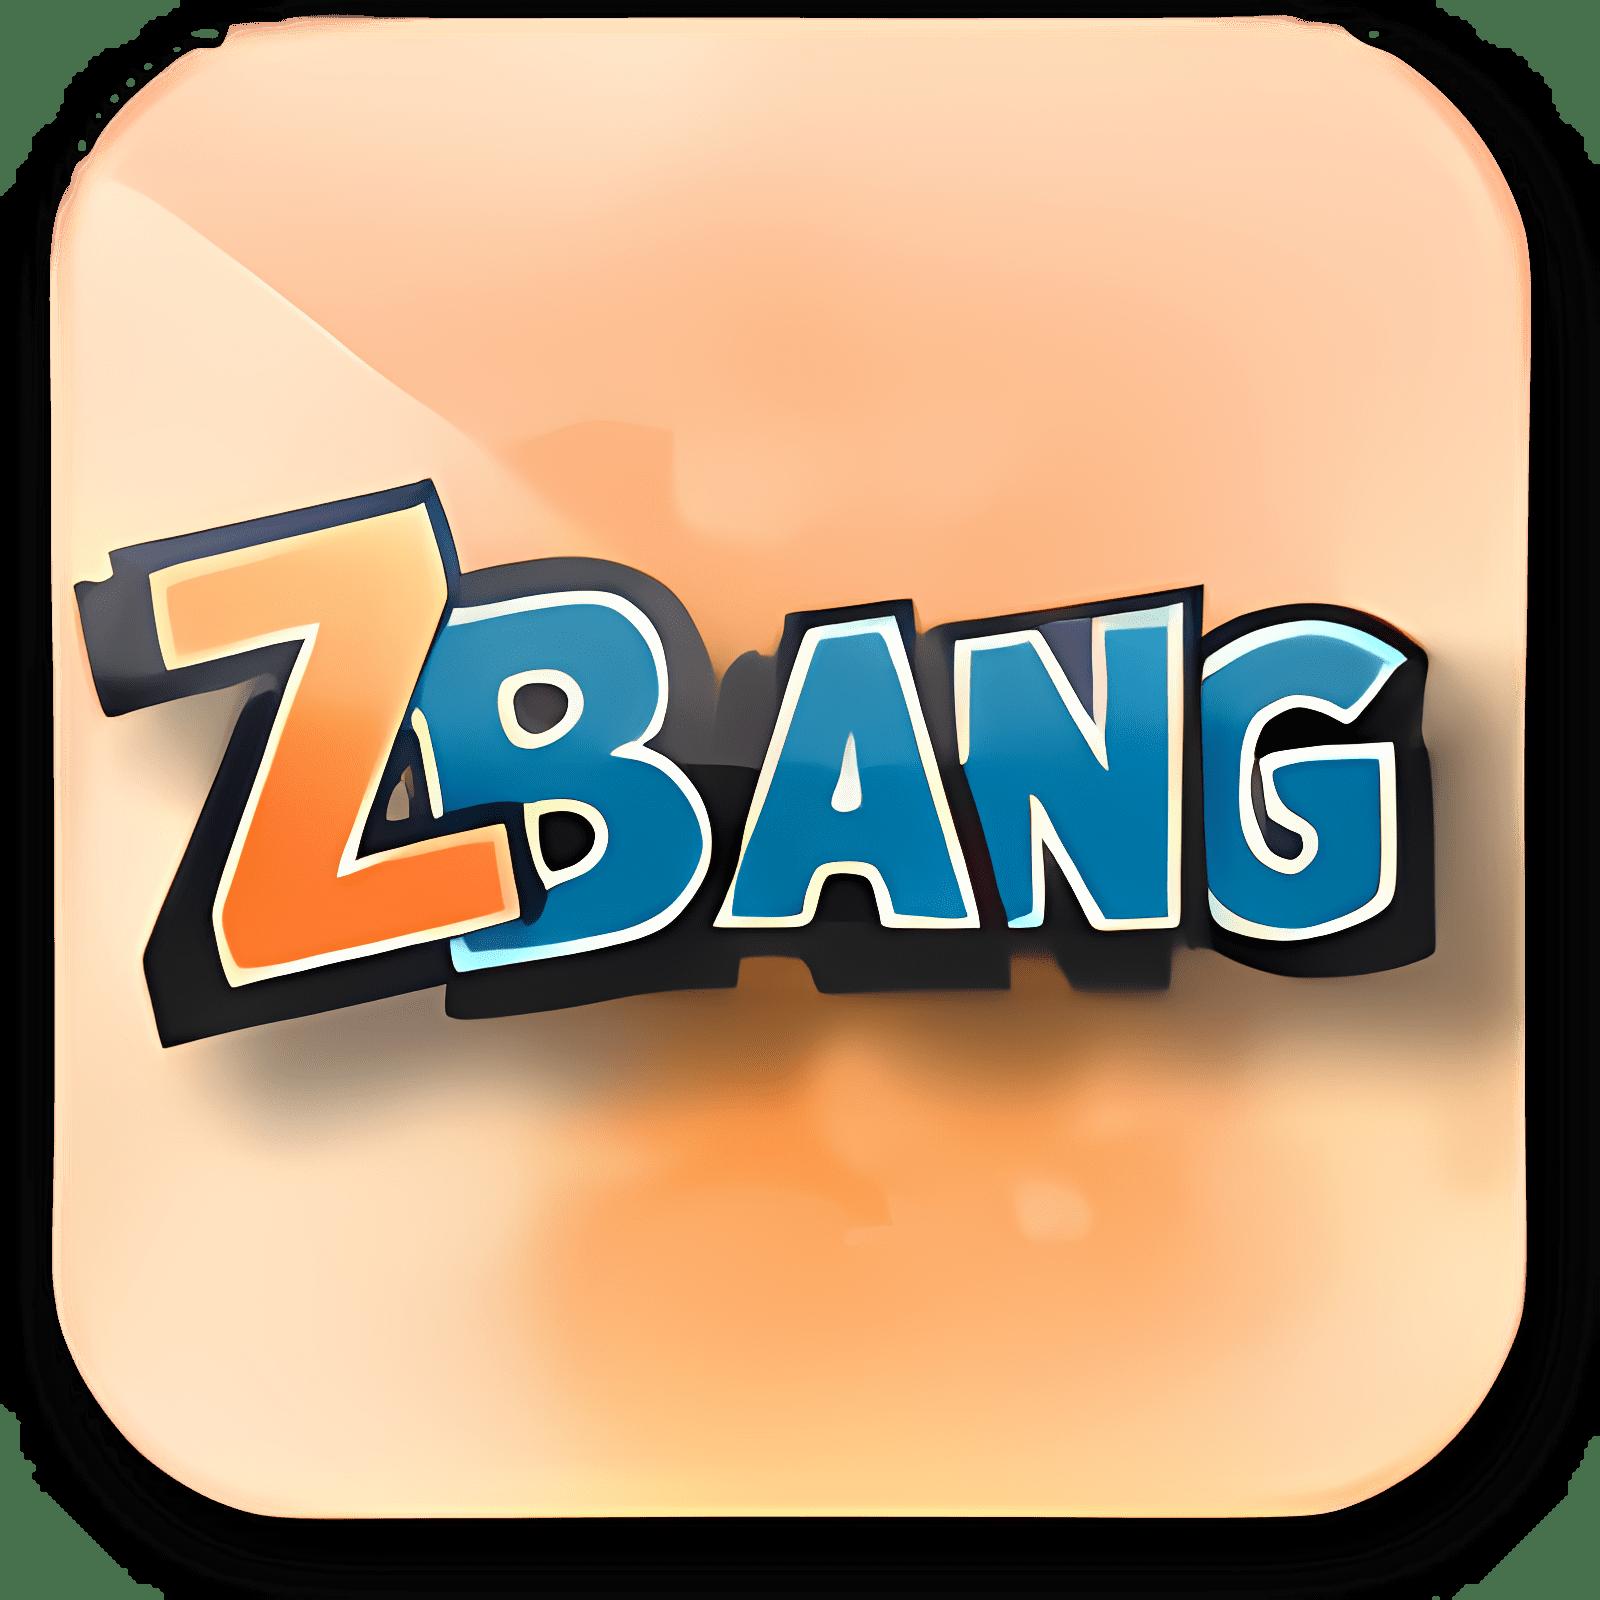 Zbang